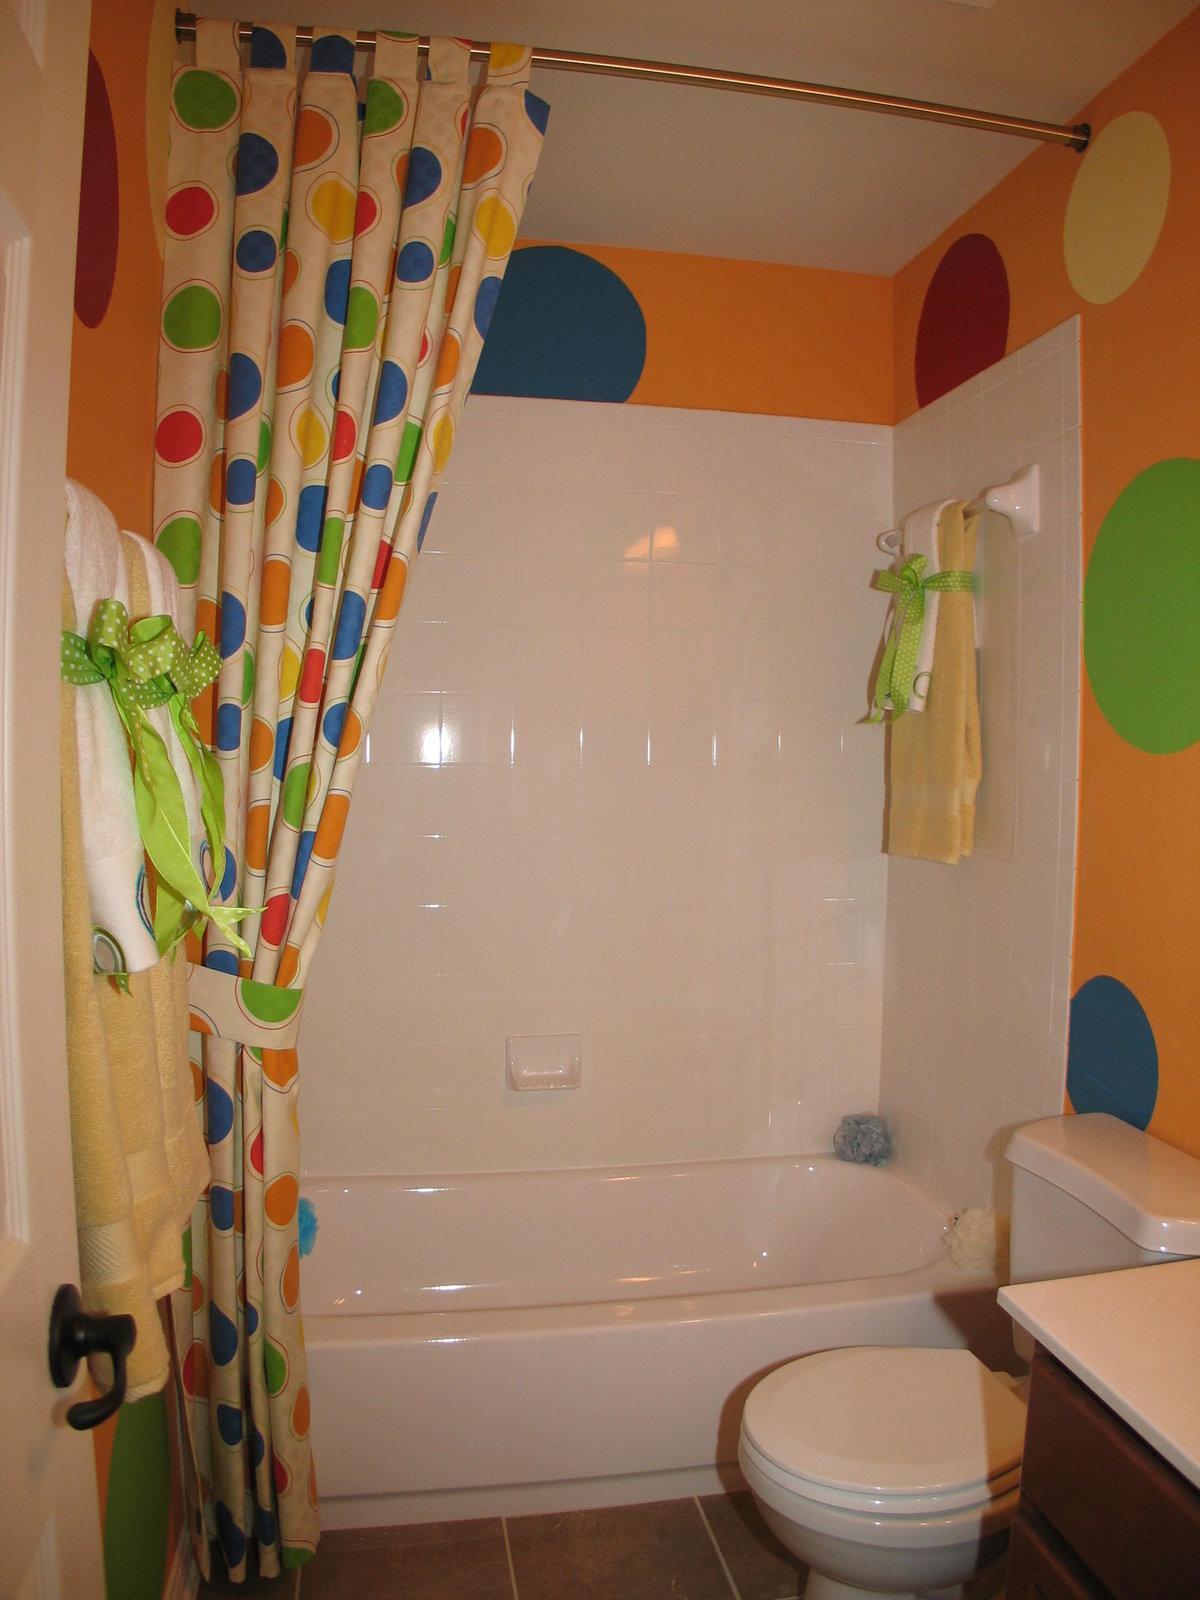 Декор в ванной комнате 100 идей для ванной вашей мечты (29) 37